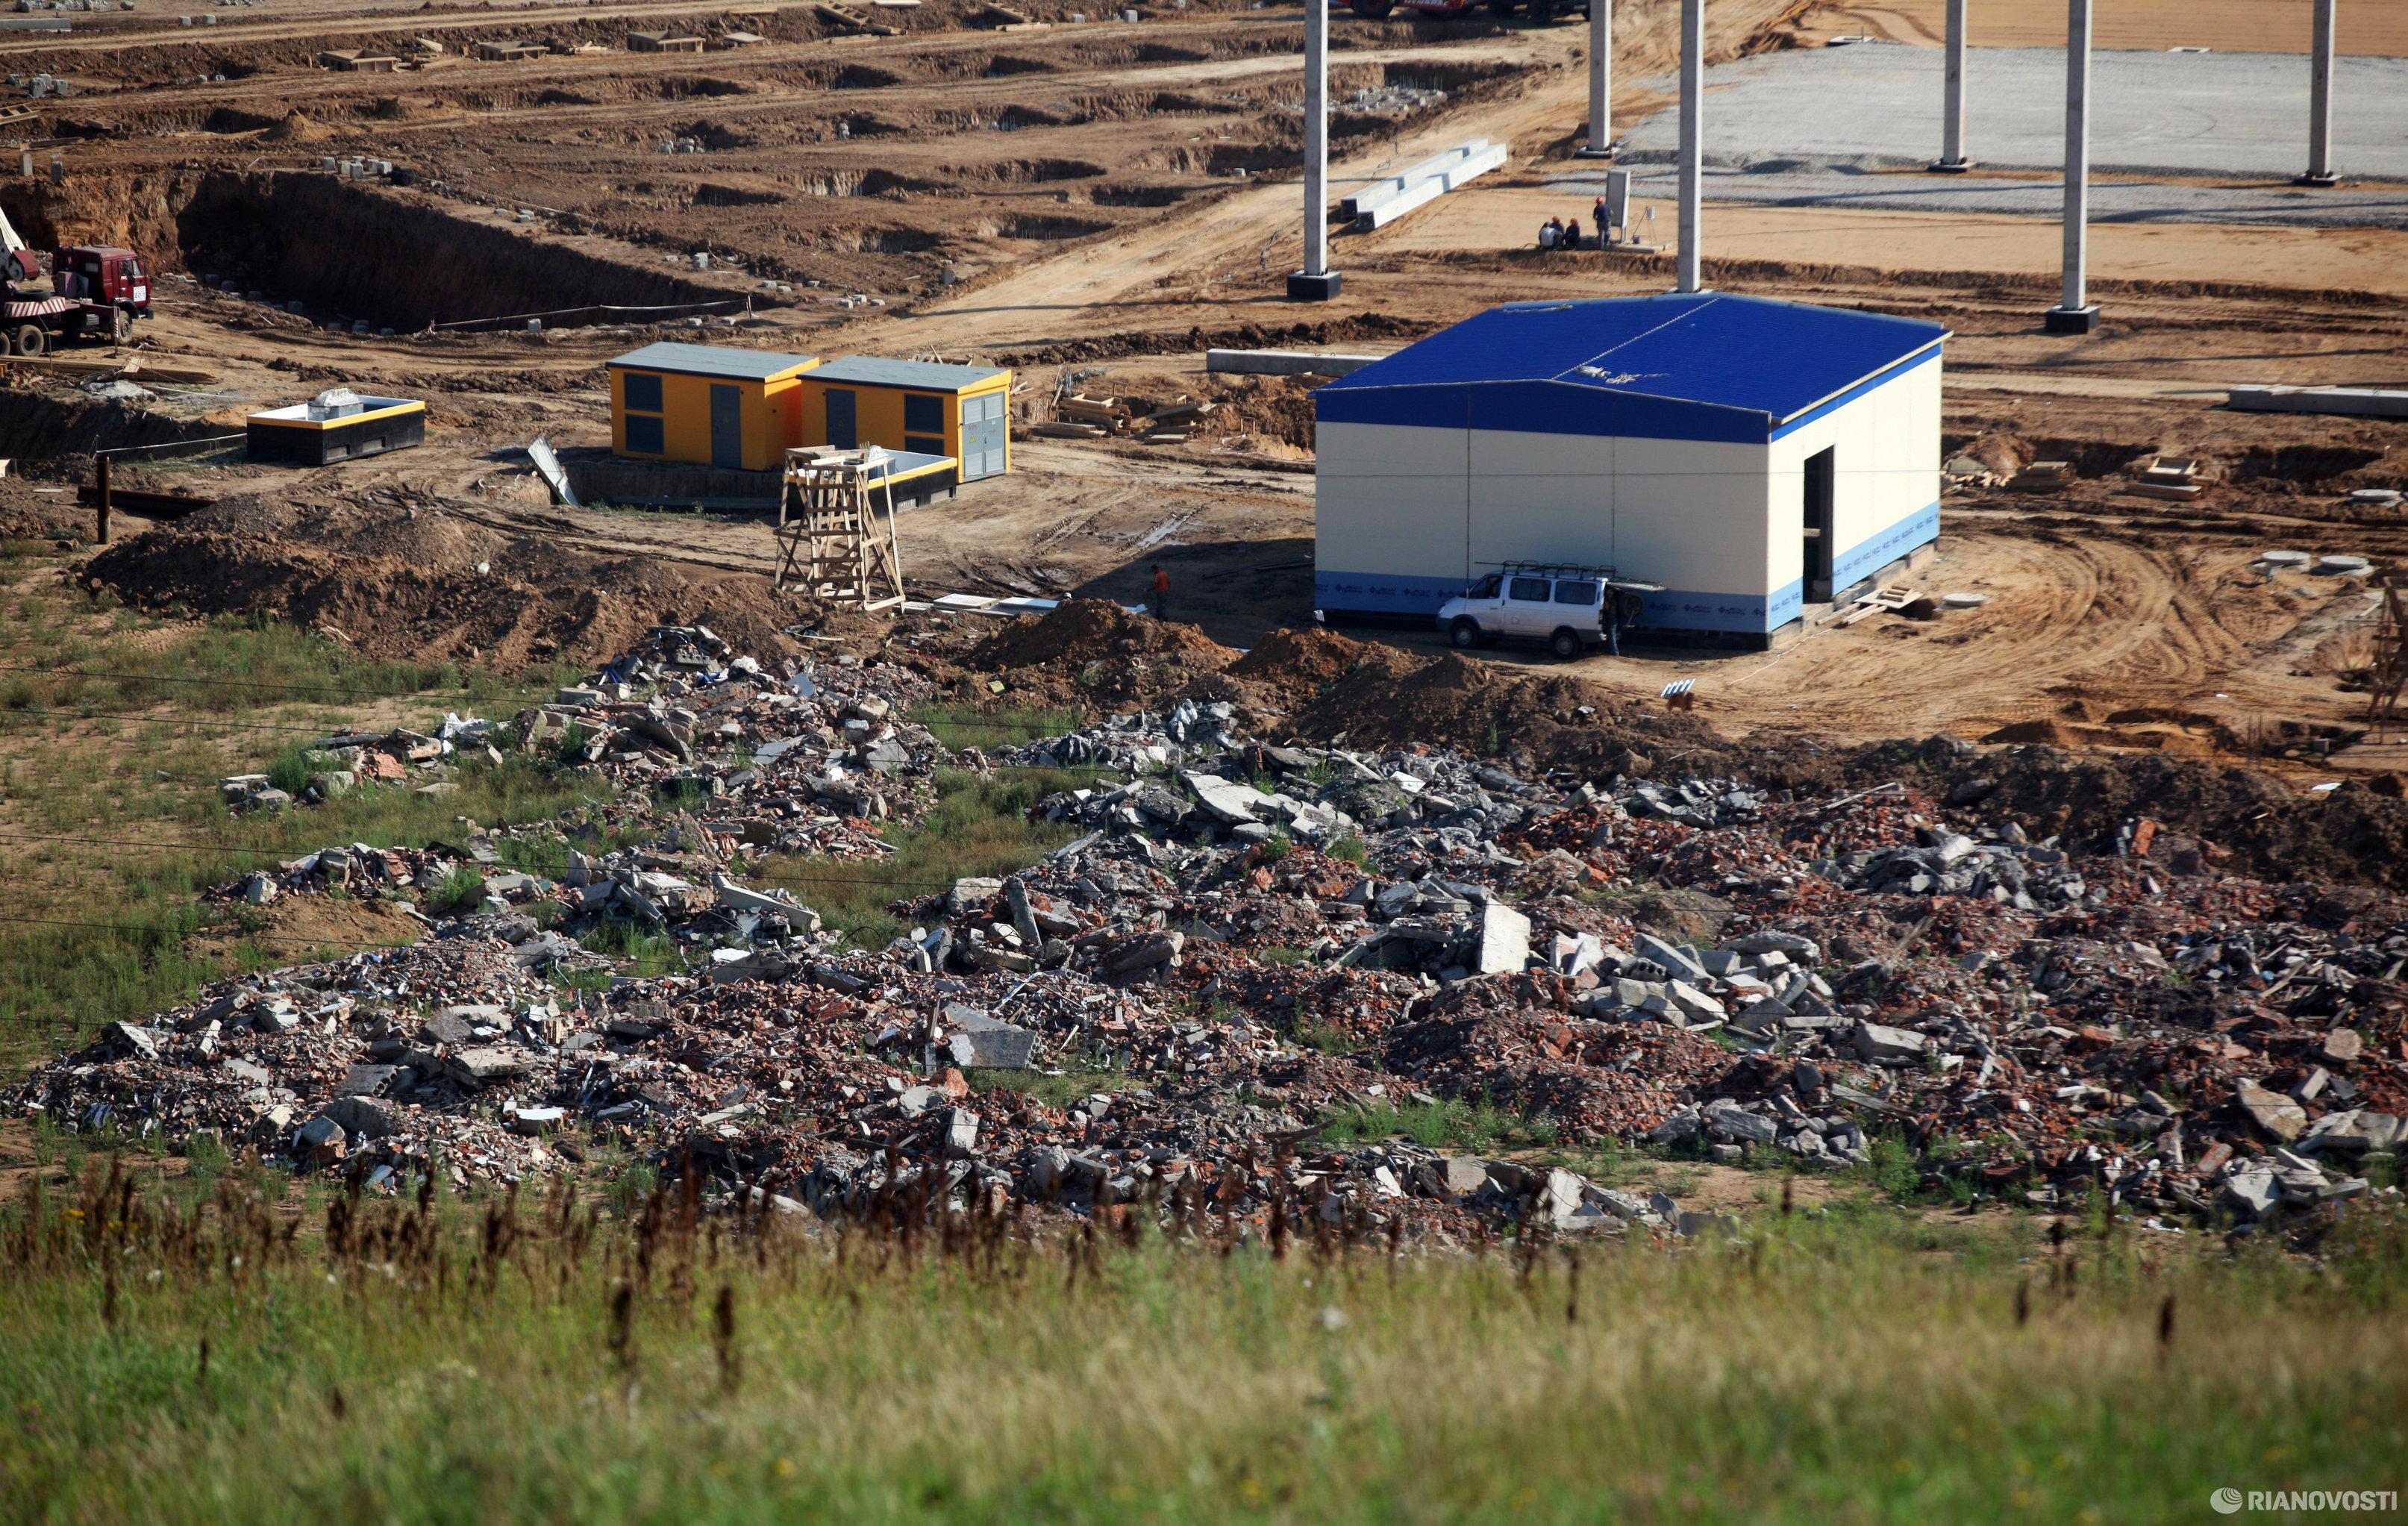 Полигон промышленных отходов в поселке Саларьево Московской области